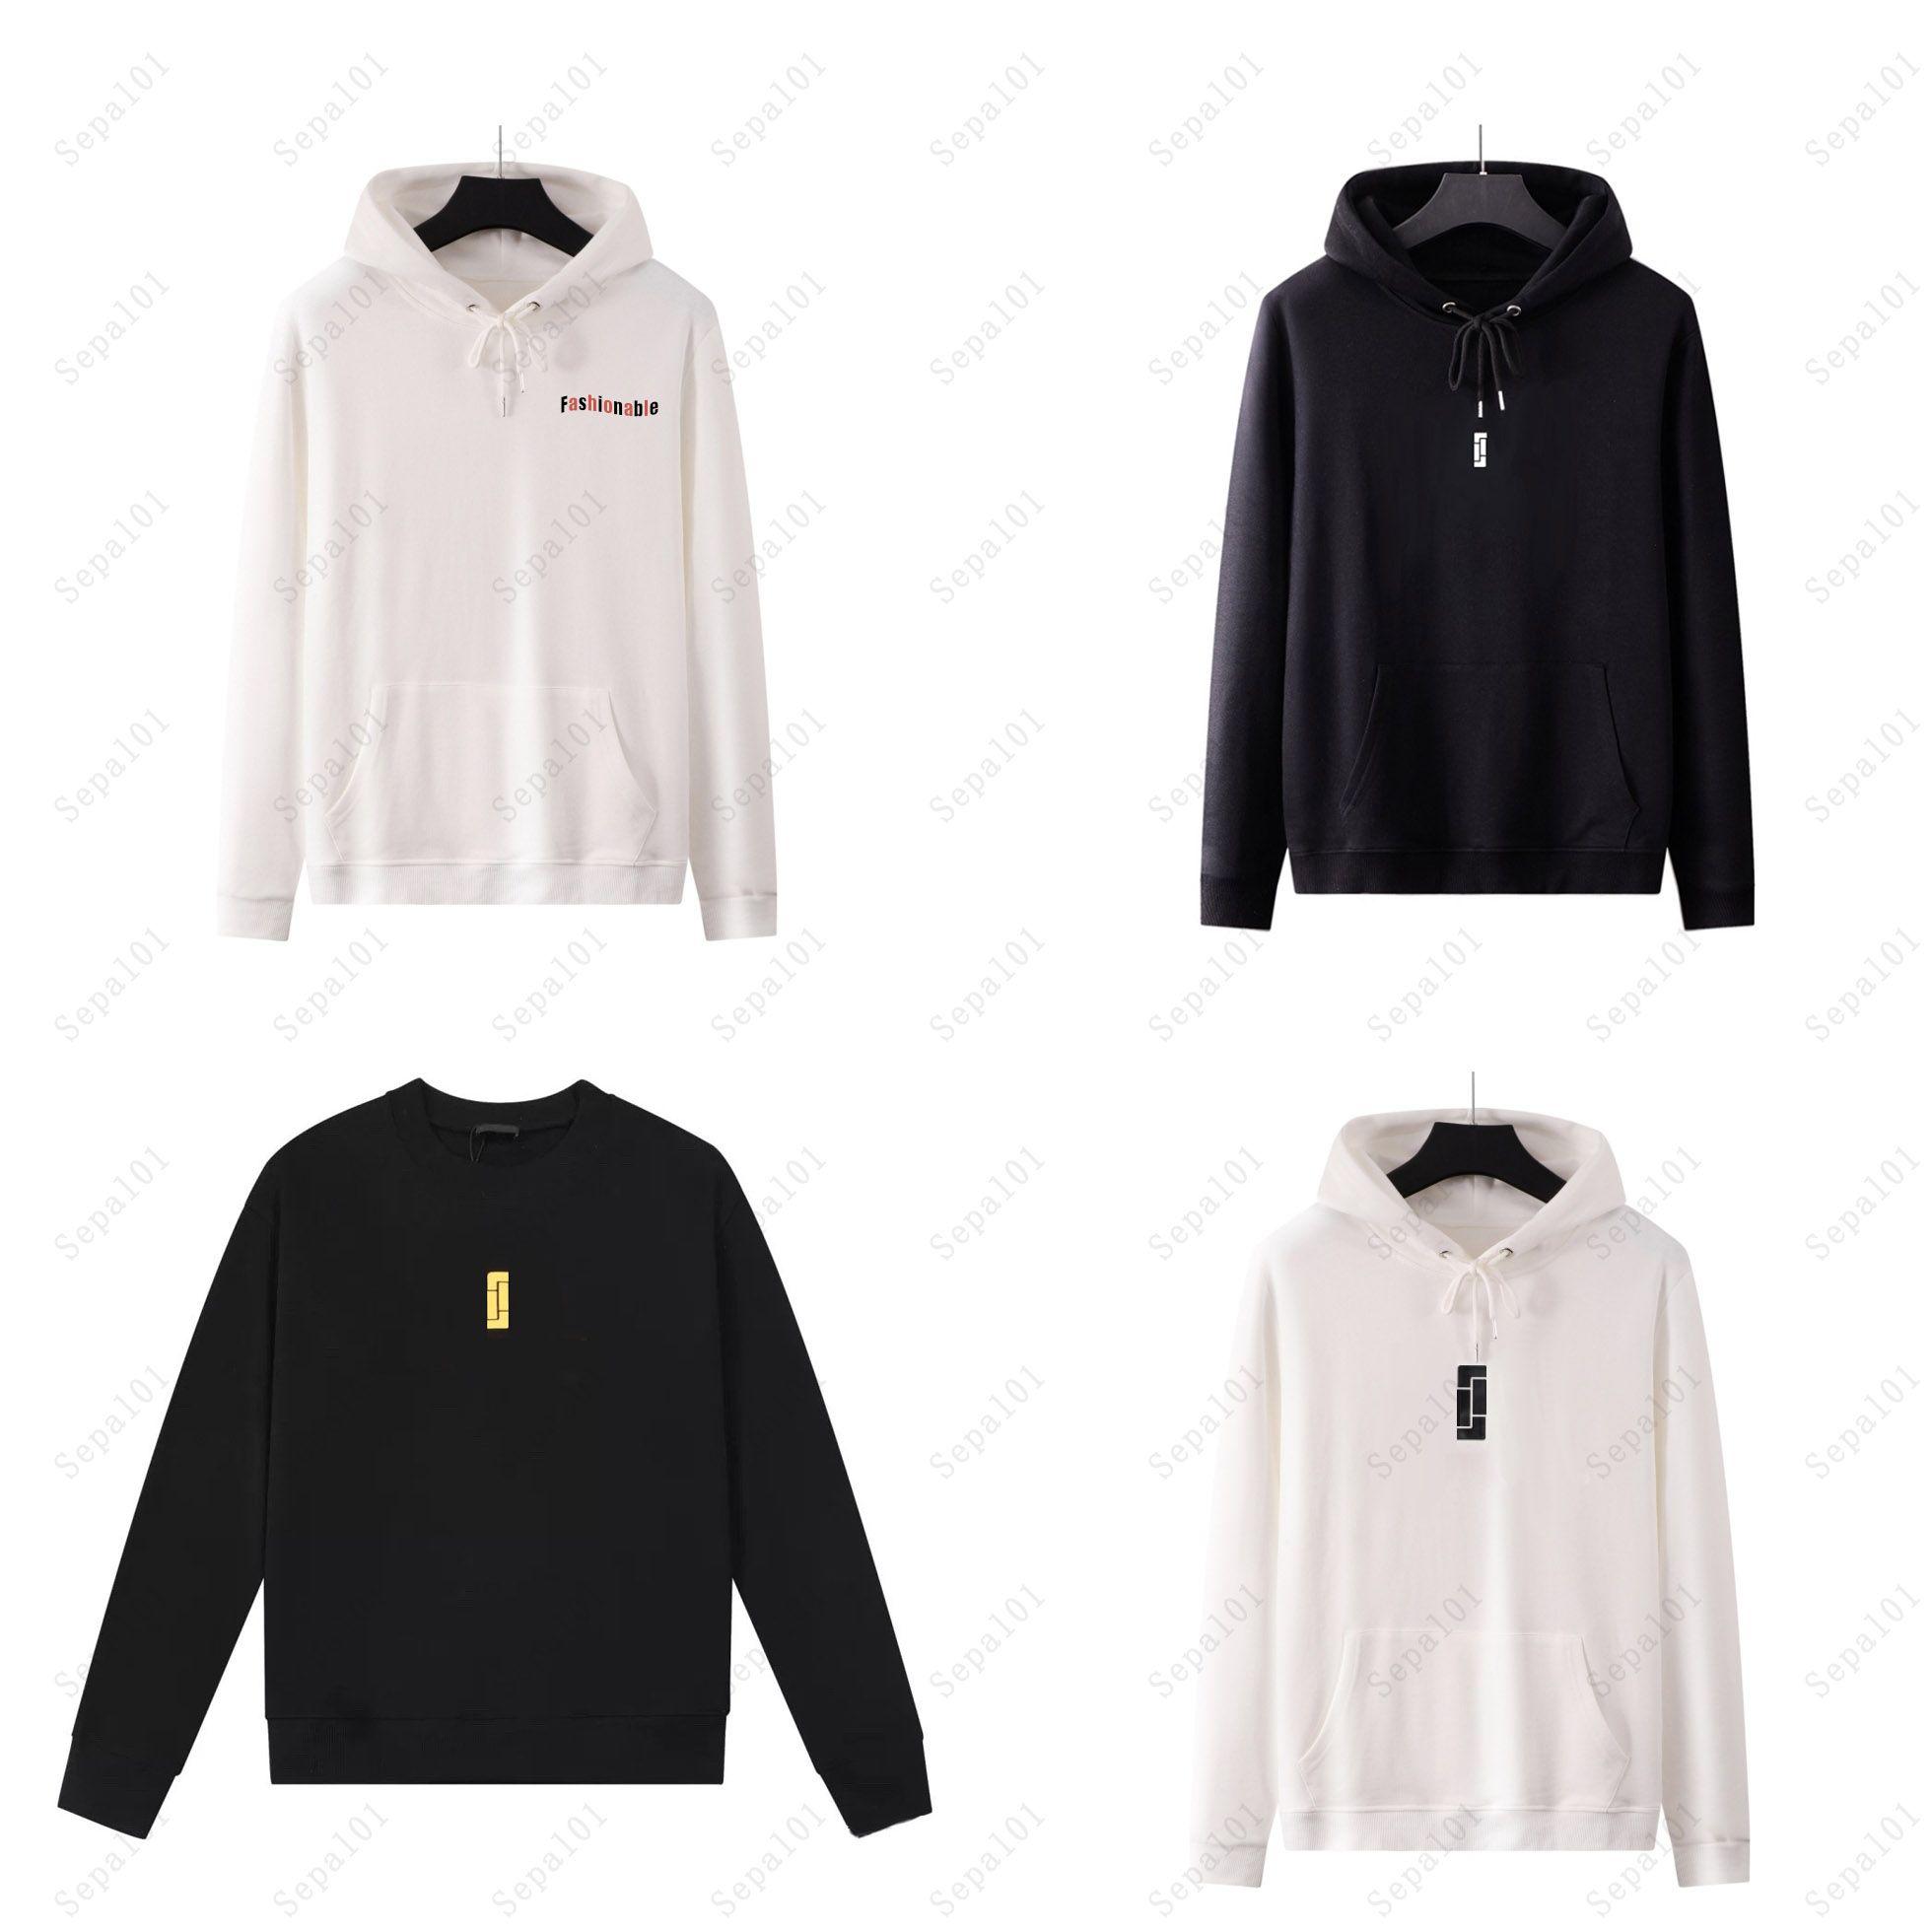 20FW para hombre con capucha para mujer con el patrón de bloqueo en frente 2020 nuevos con capucha ropa de niñas Hiphop con capucha Streetwear lavado de materiales